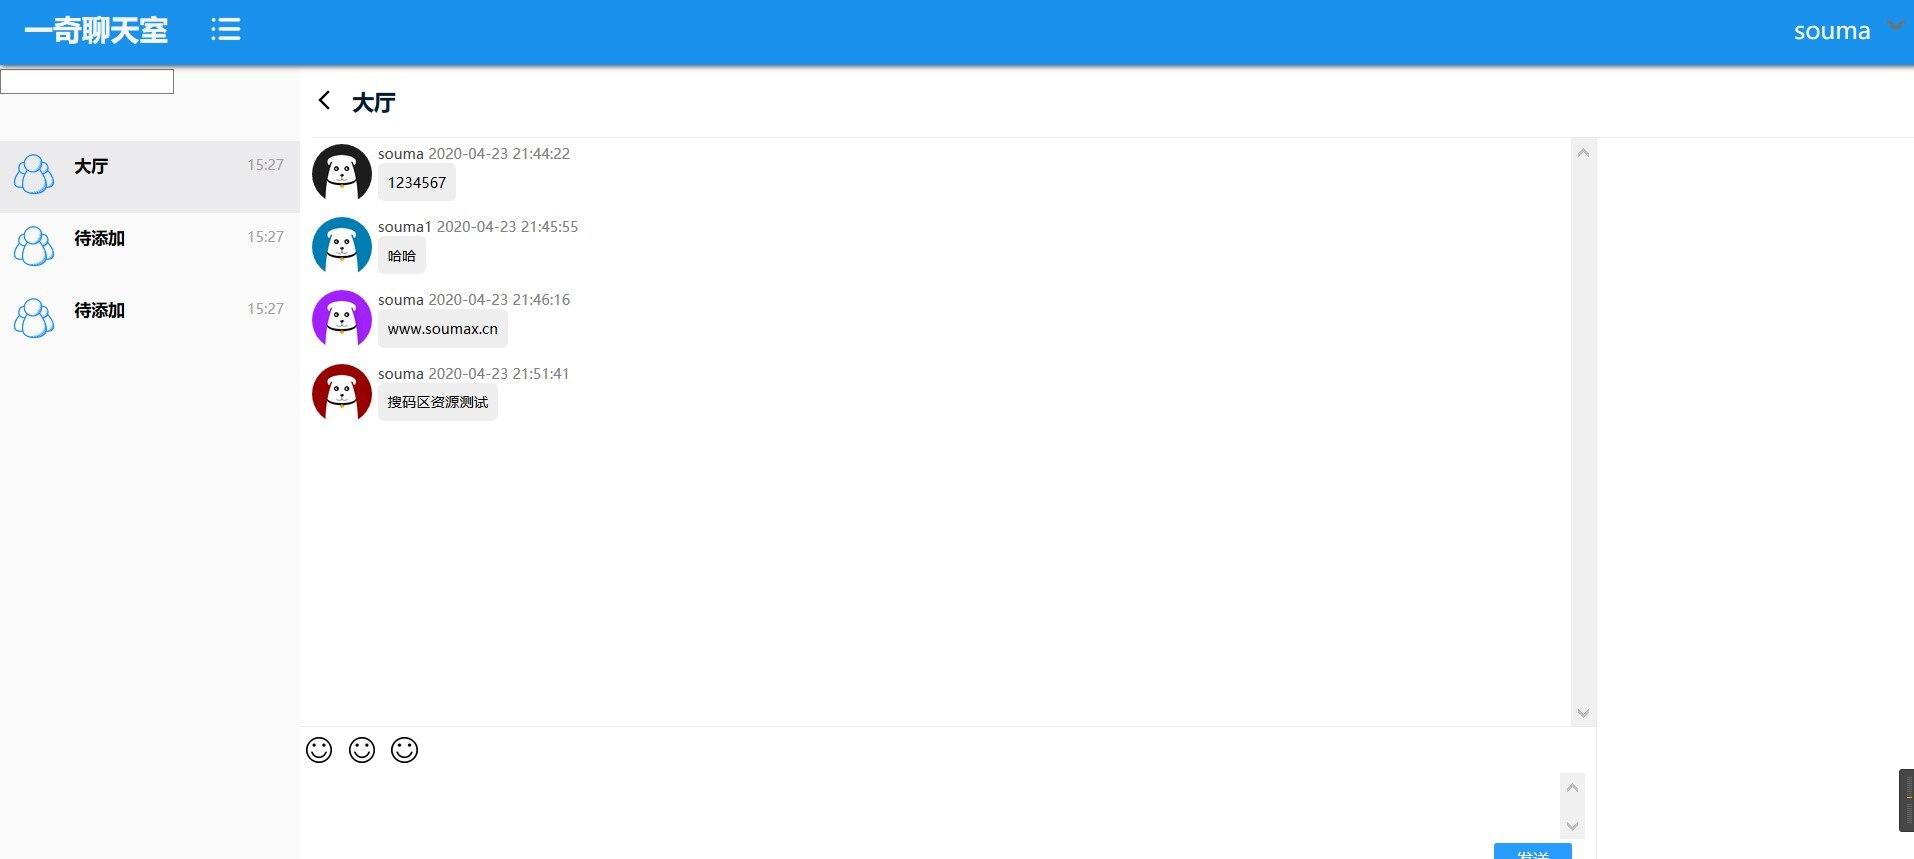 websocket即时通讯在线聊天室源码